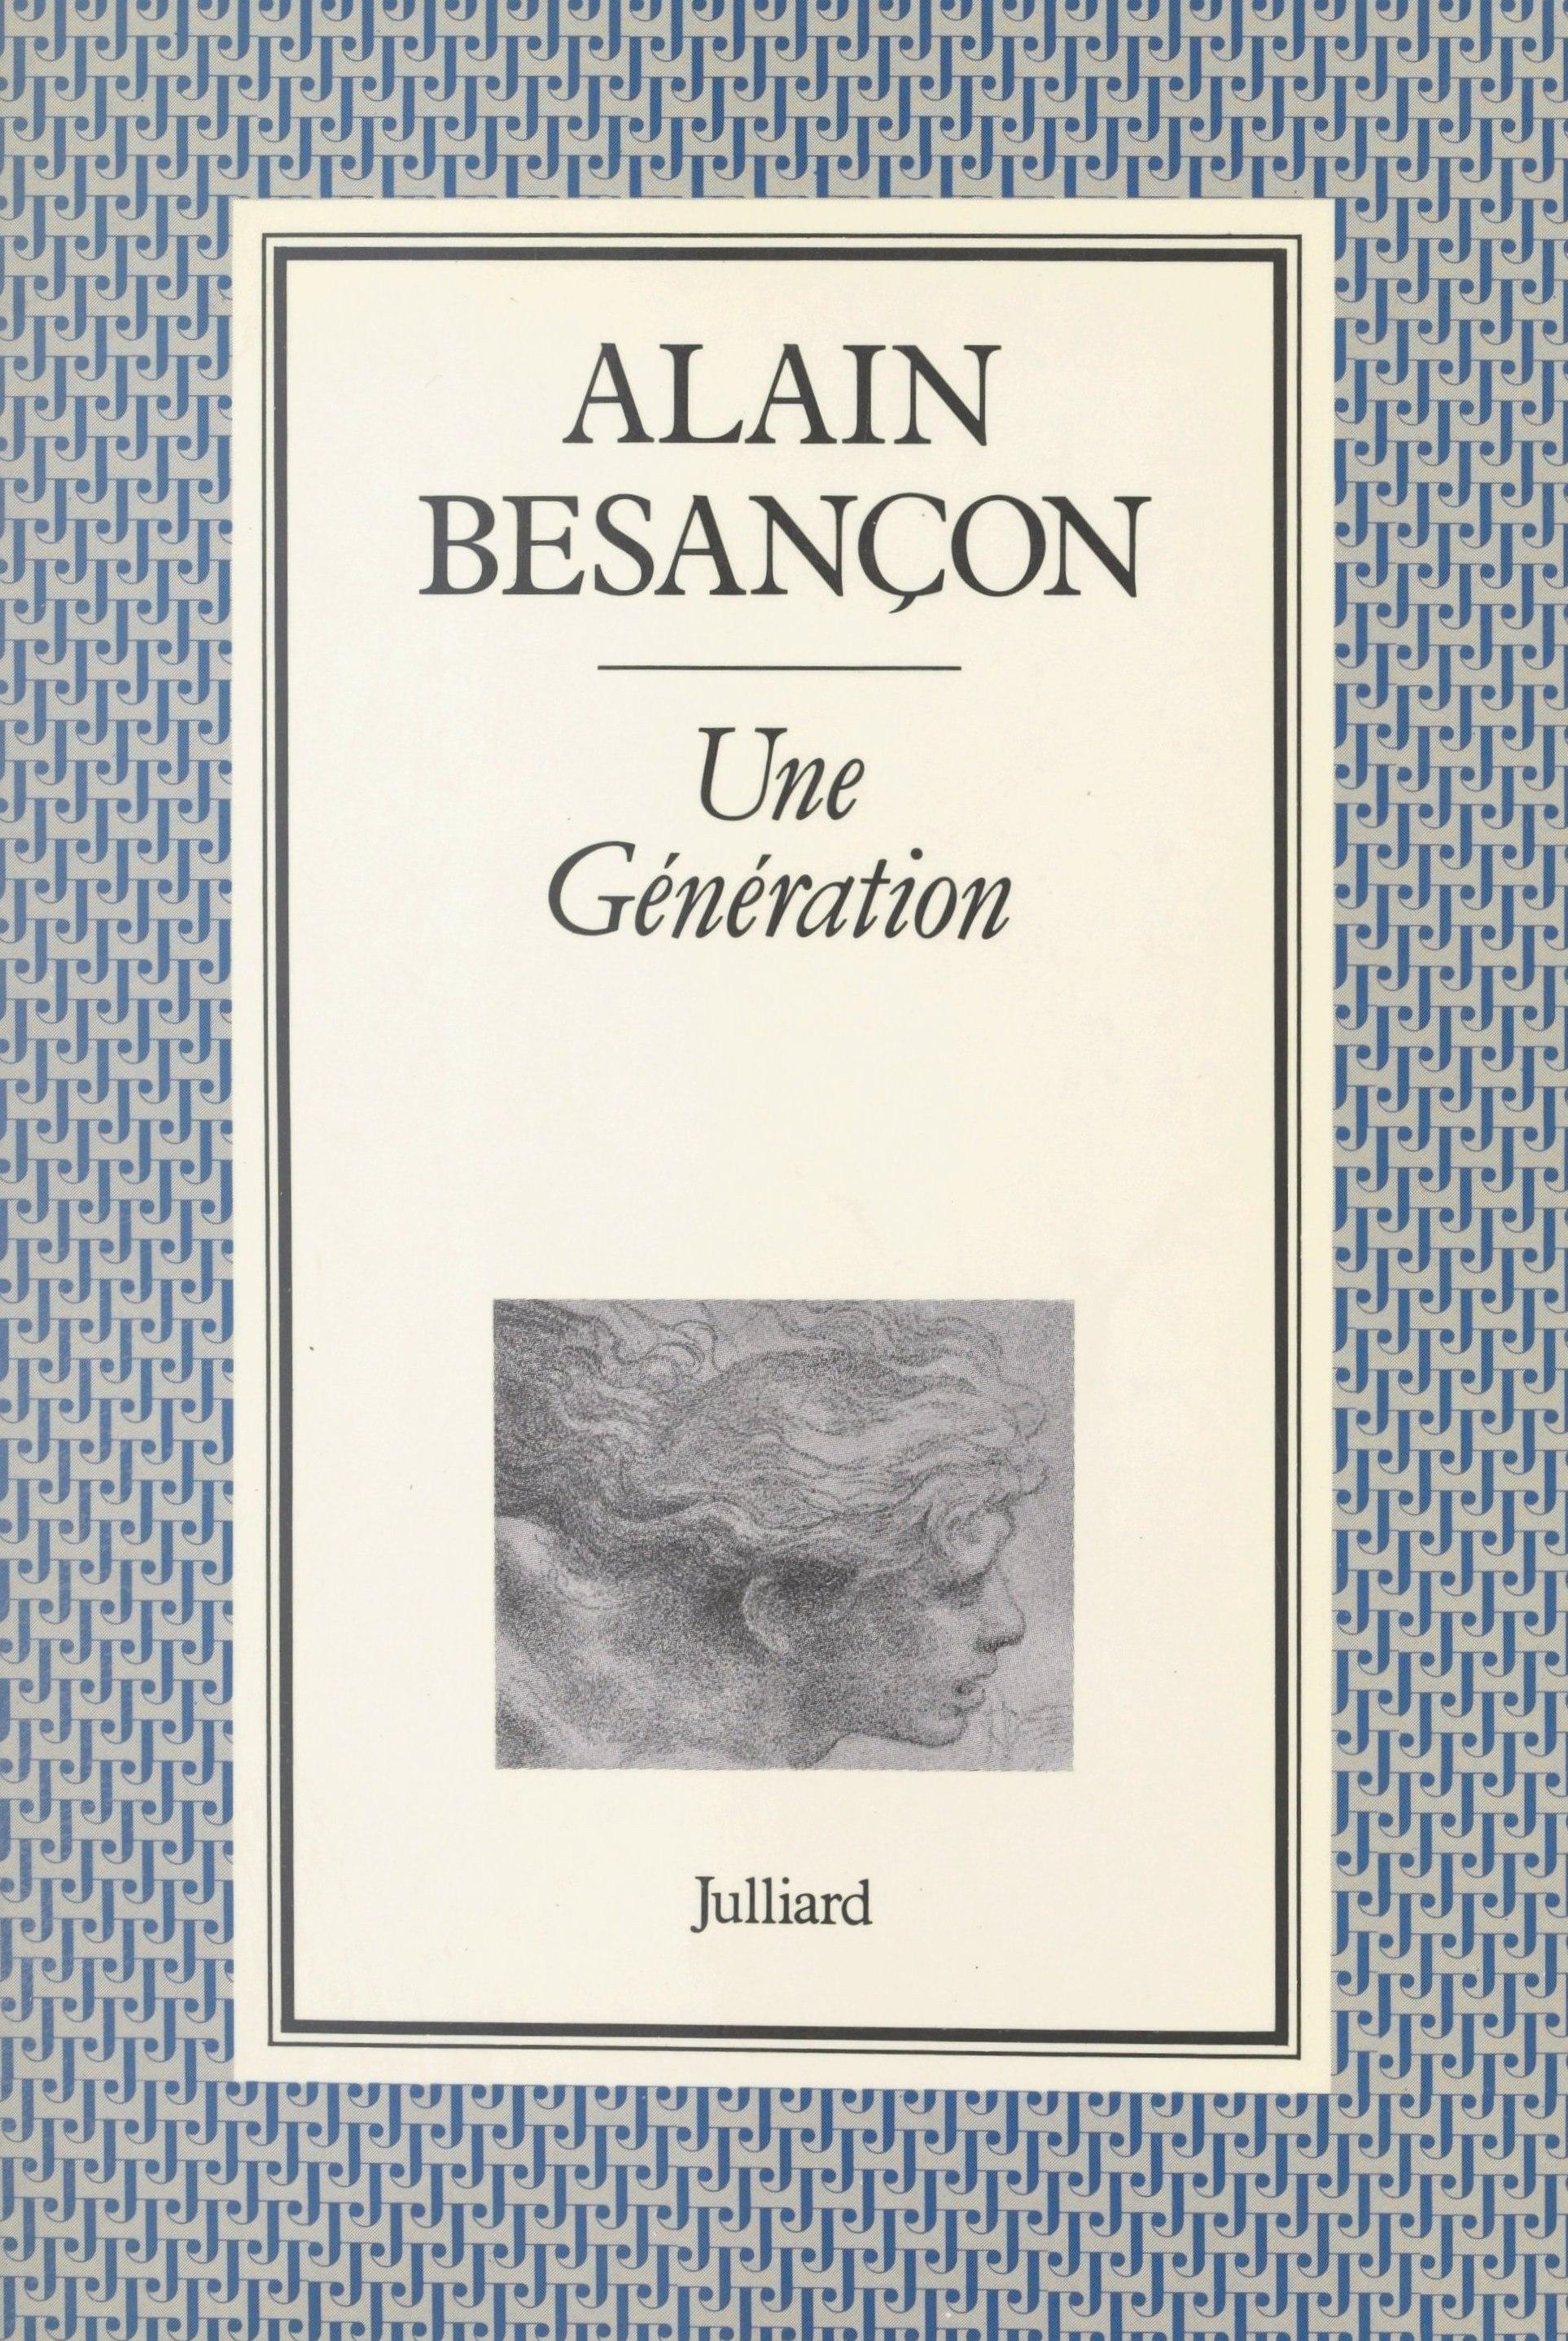 Une génération